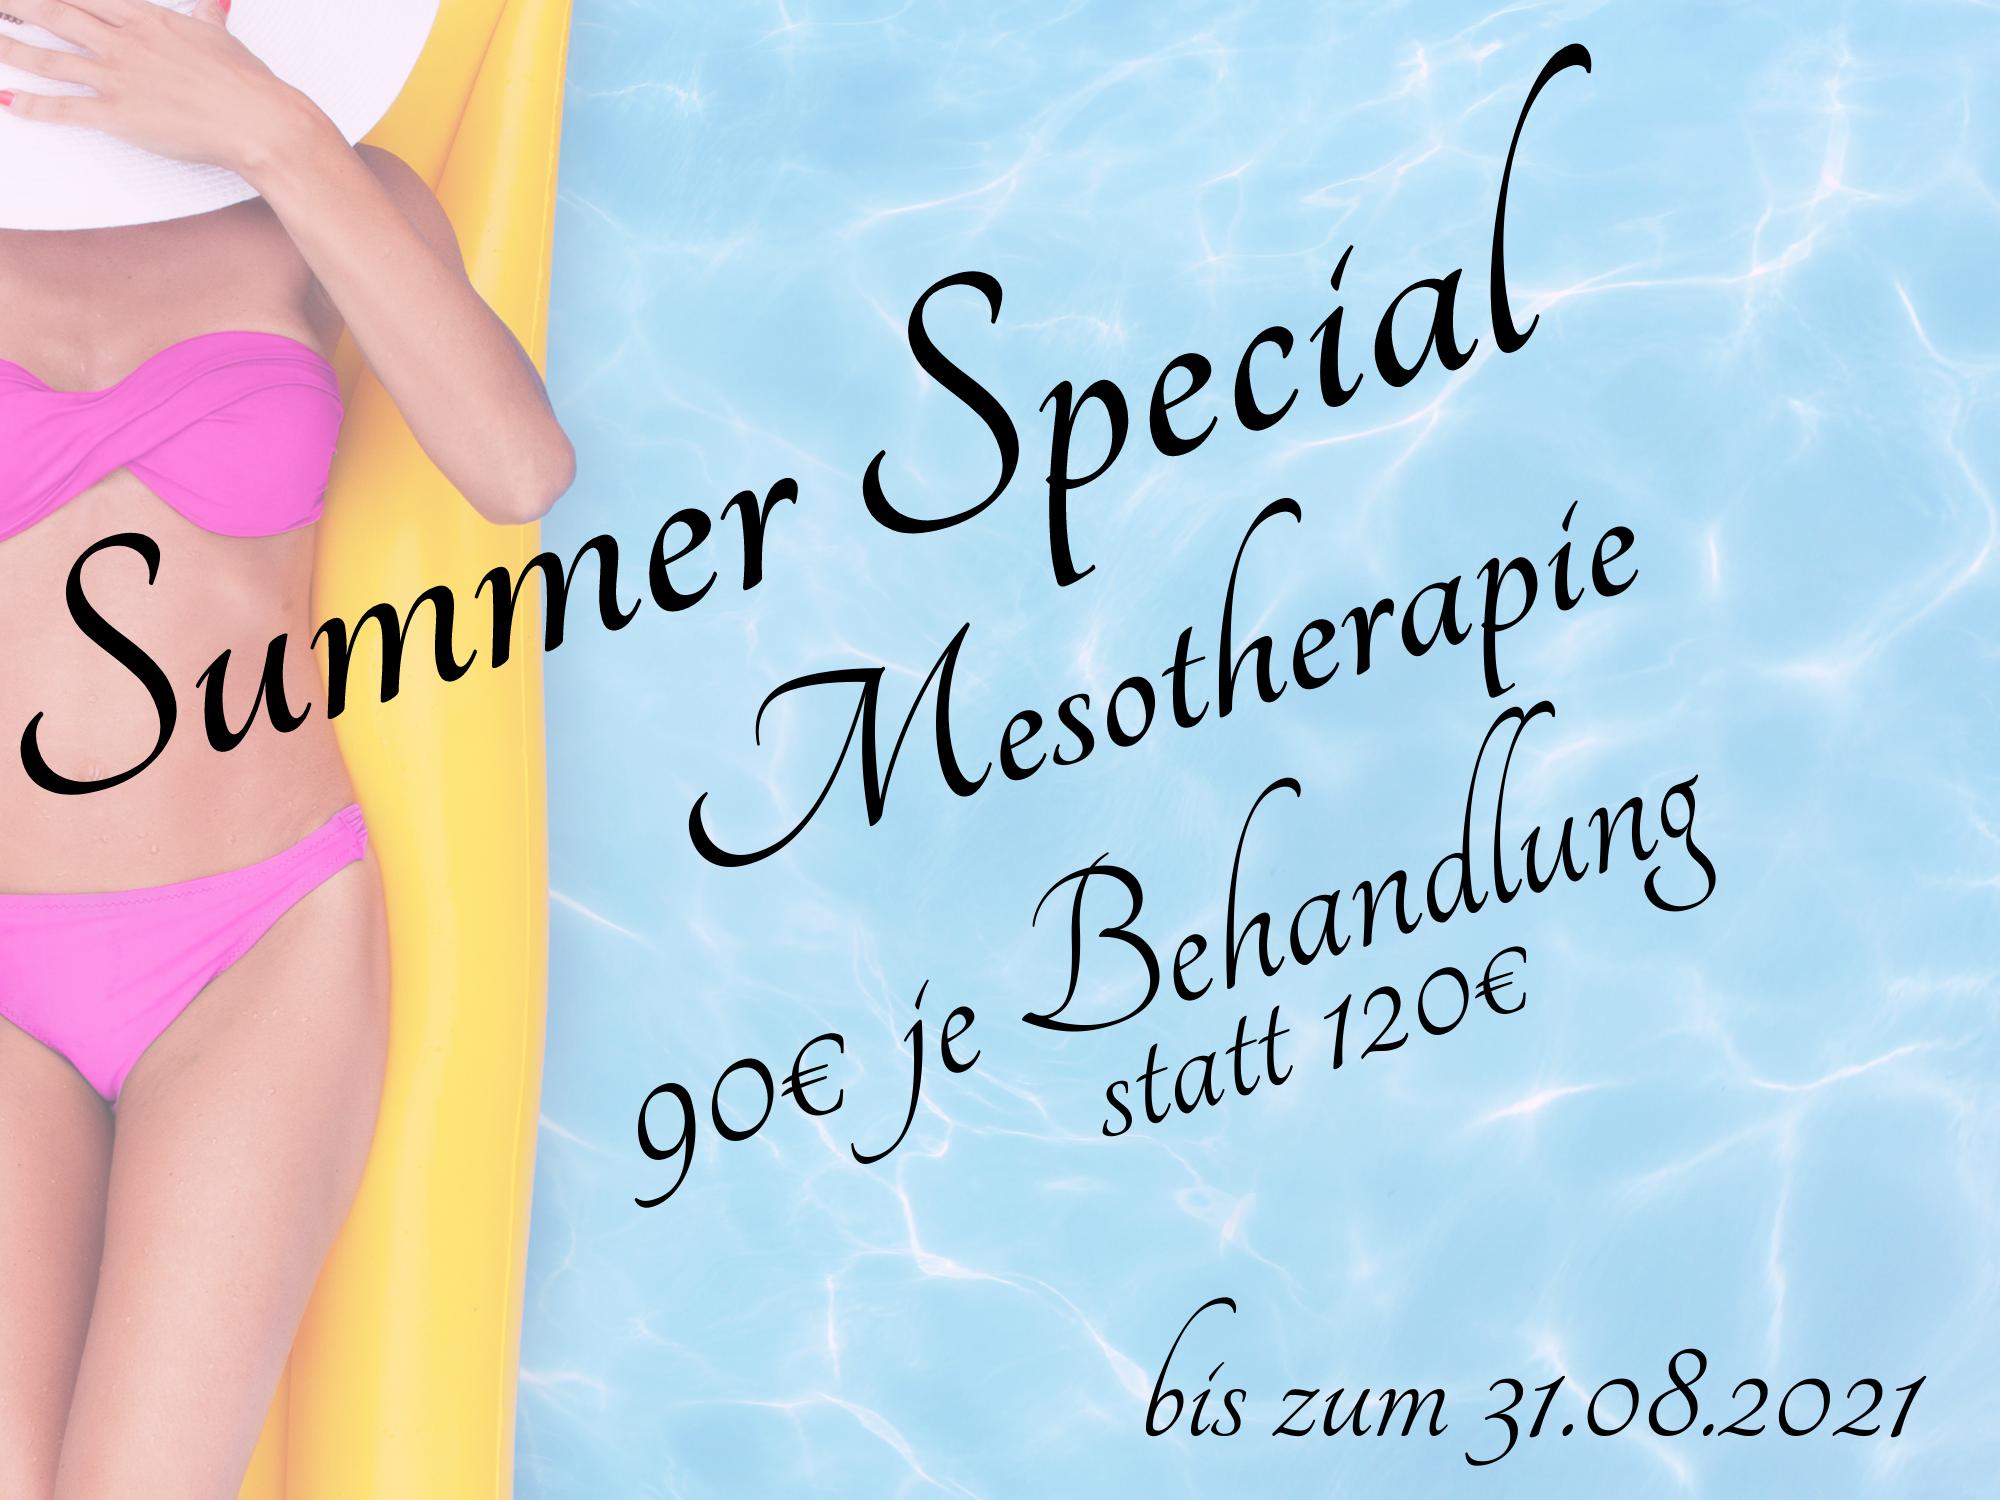 """Mesotherapie - unser """"Summer Special"""""""